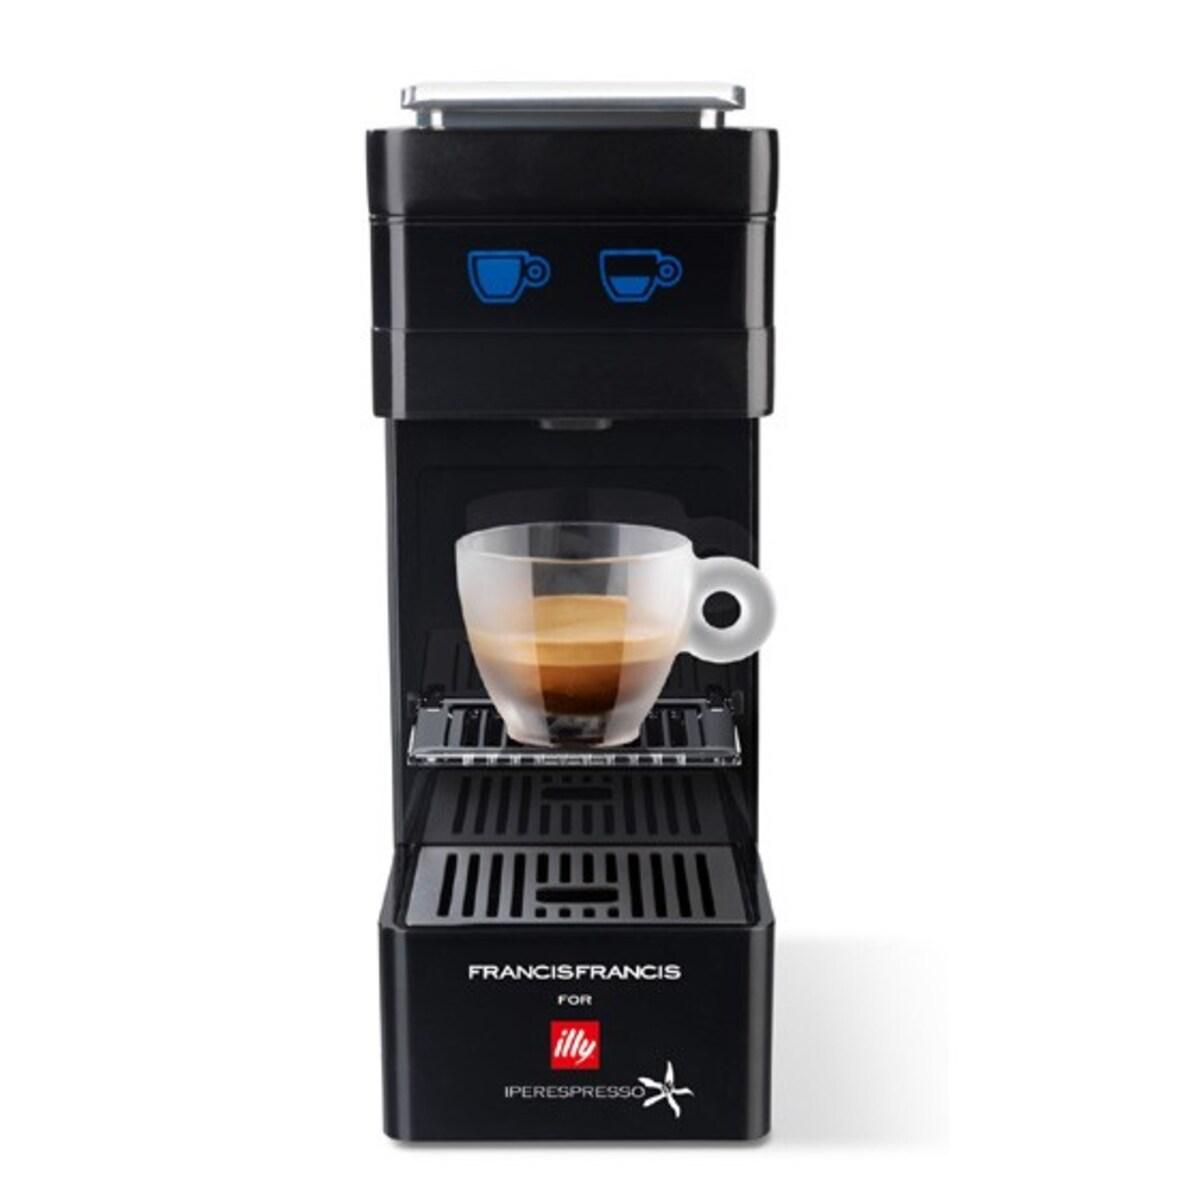 Кафемашина illy Francis Francis Y3 - черна,  Iperespresso система